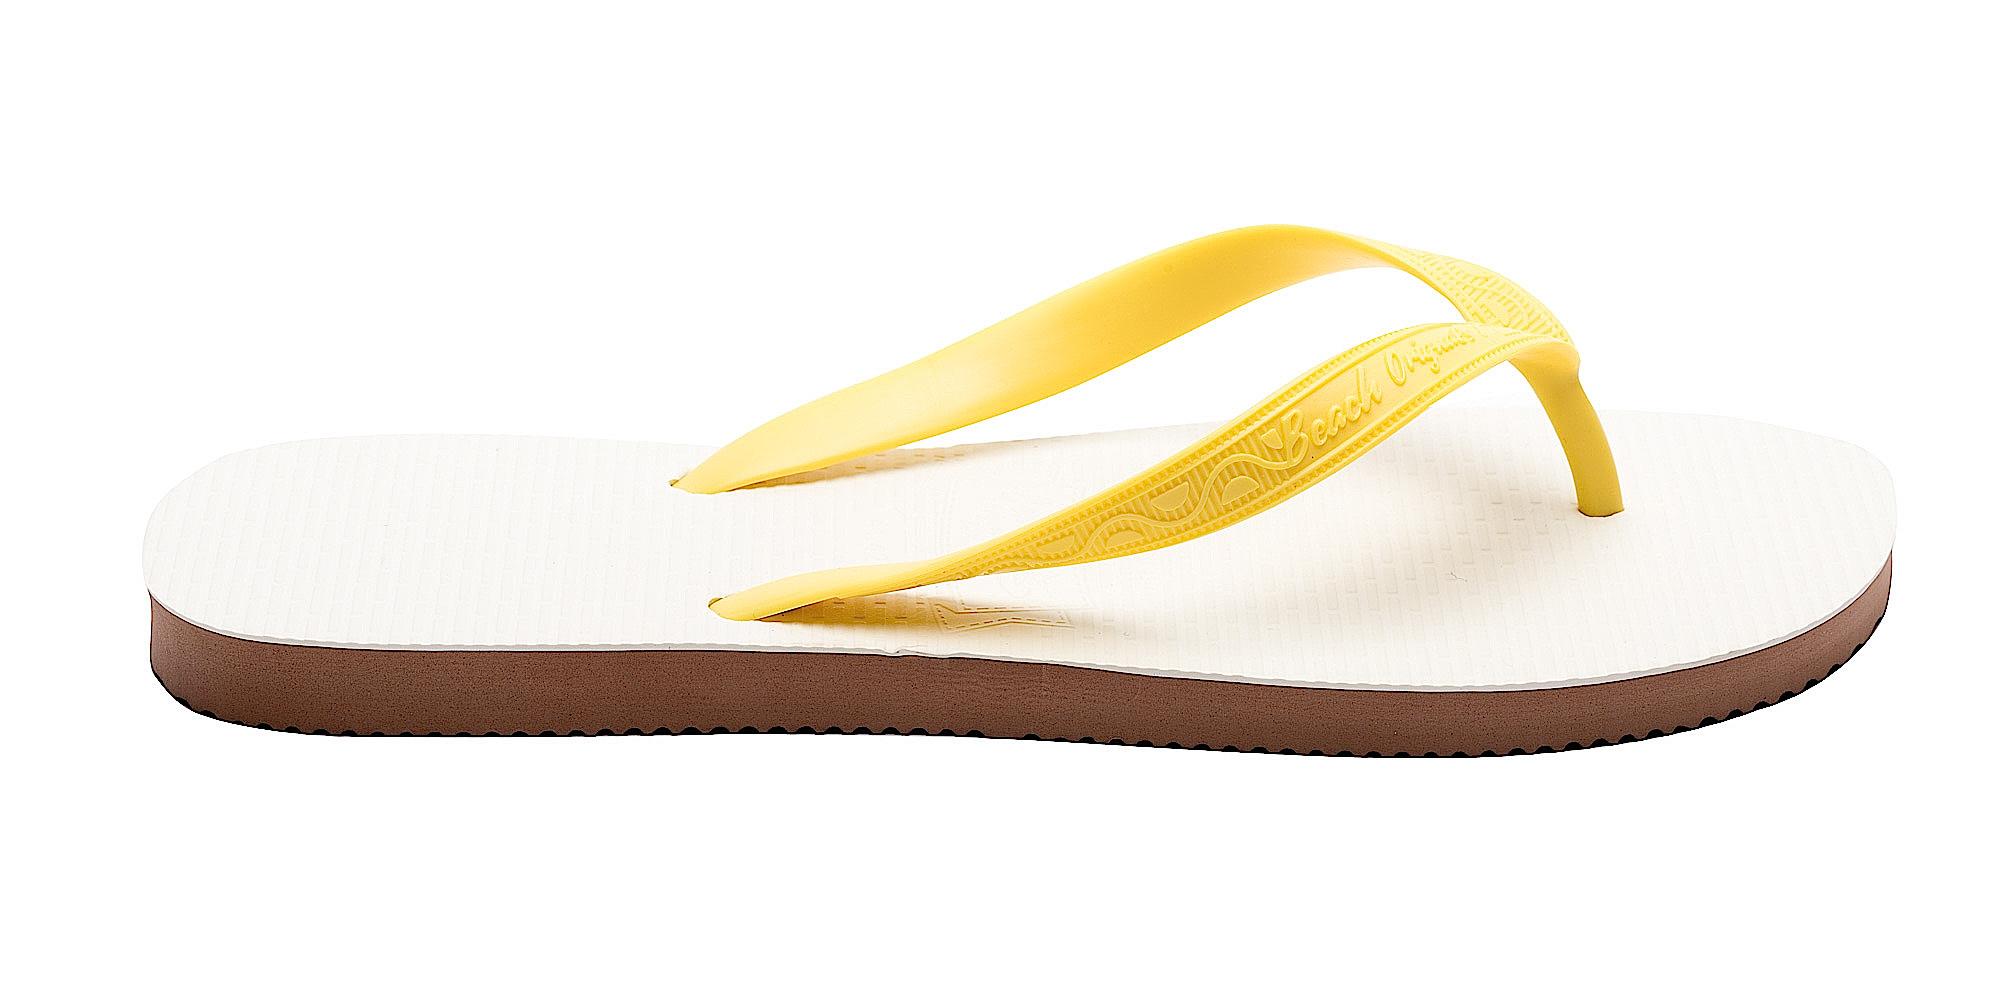 Tong Homme modèle Rio jaune banane. Vue de profil